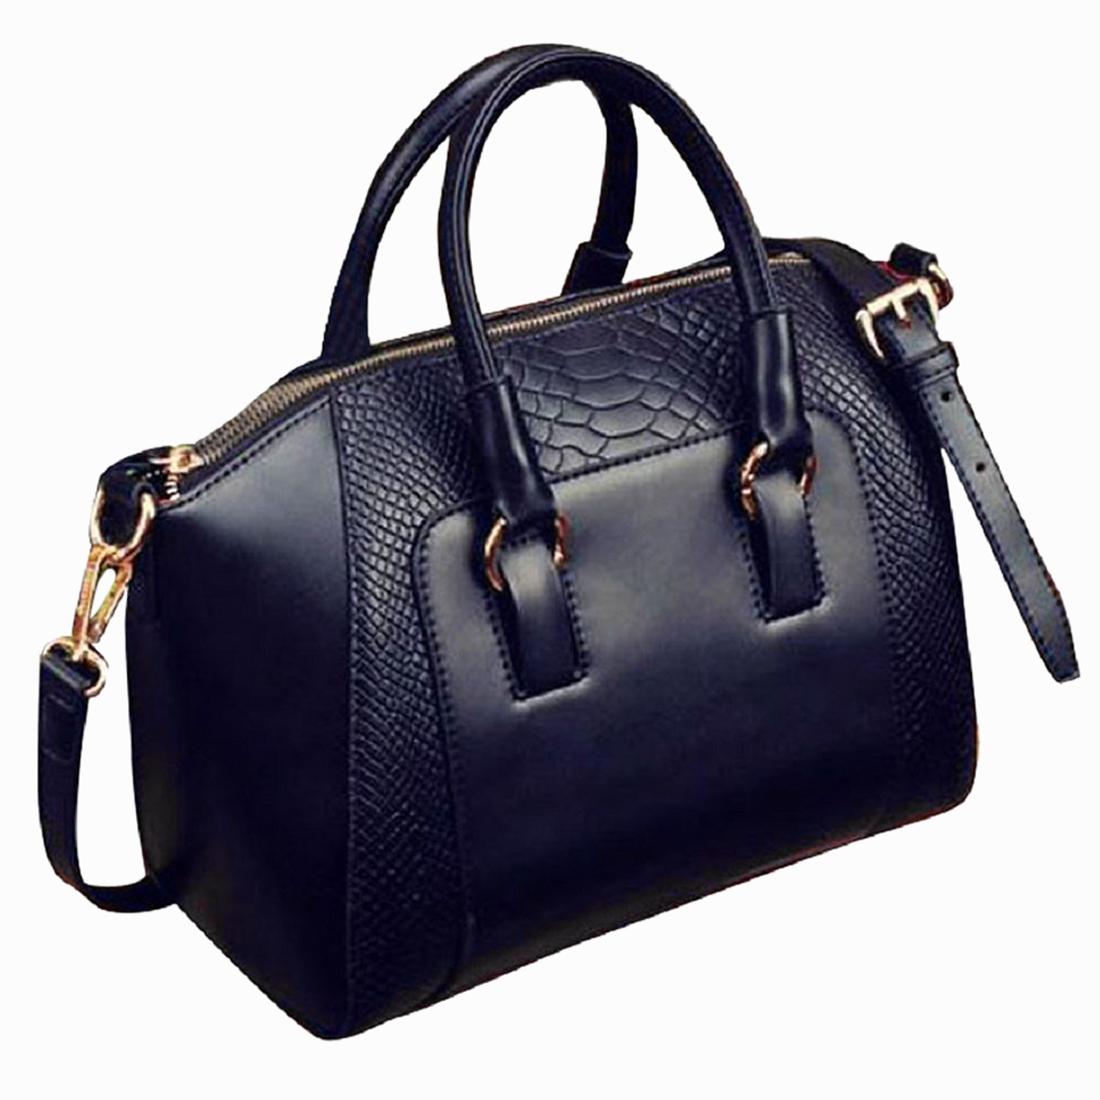 bolsos de diseño mujeres Bolsos de hombro Bolso de mujer en imitación de cuero Satchel Cross Body Tote Bag de alta calidad